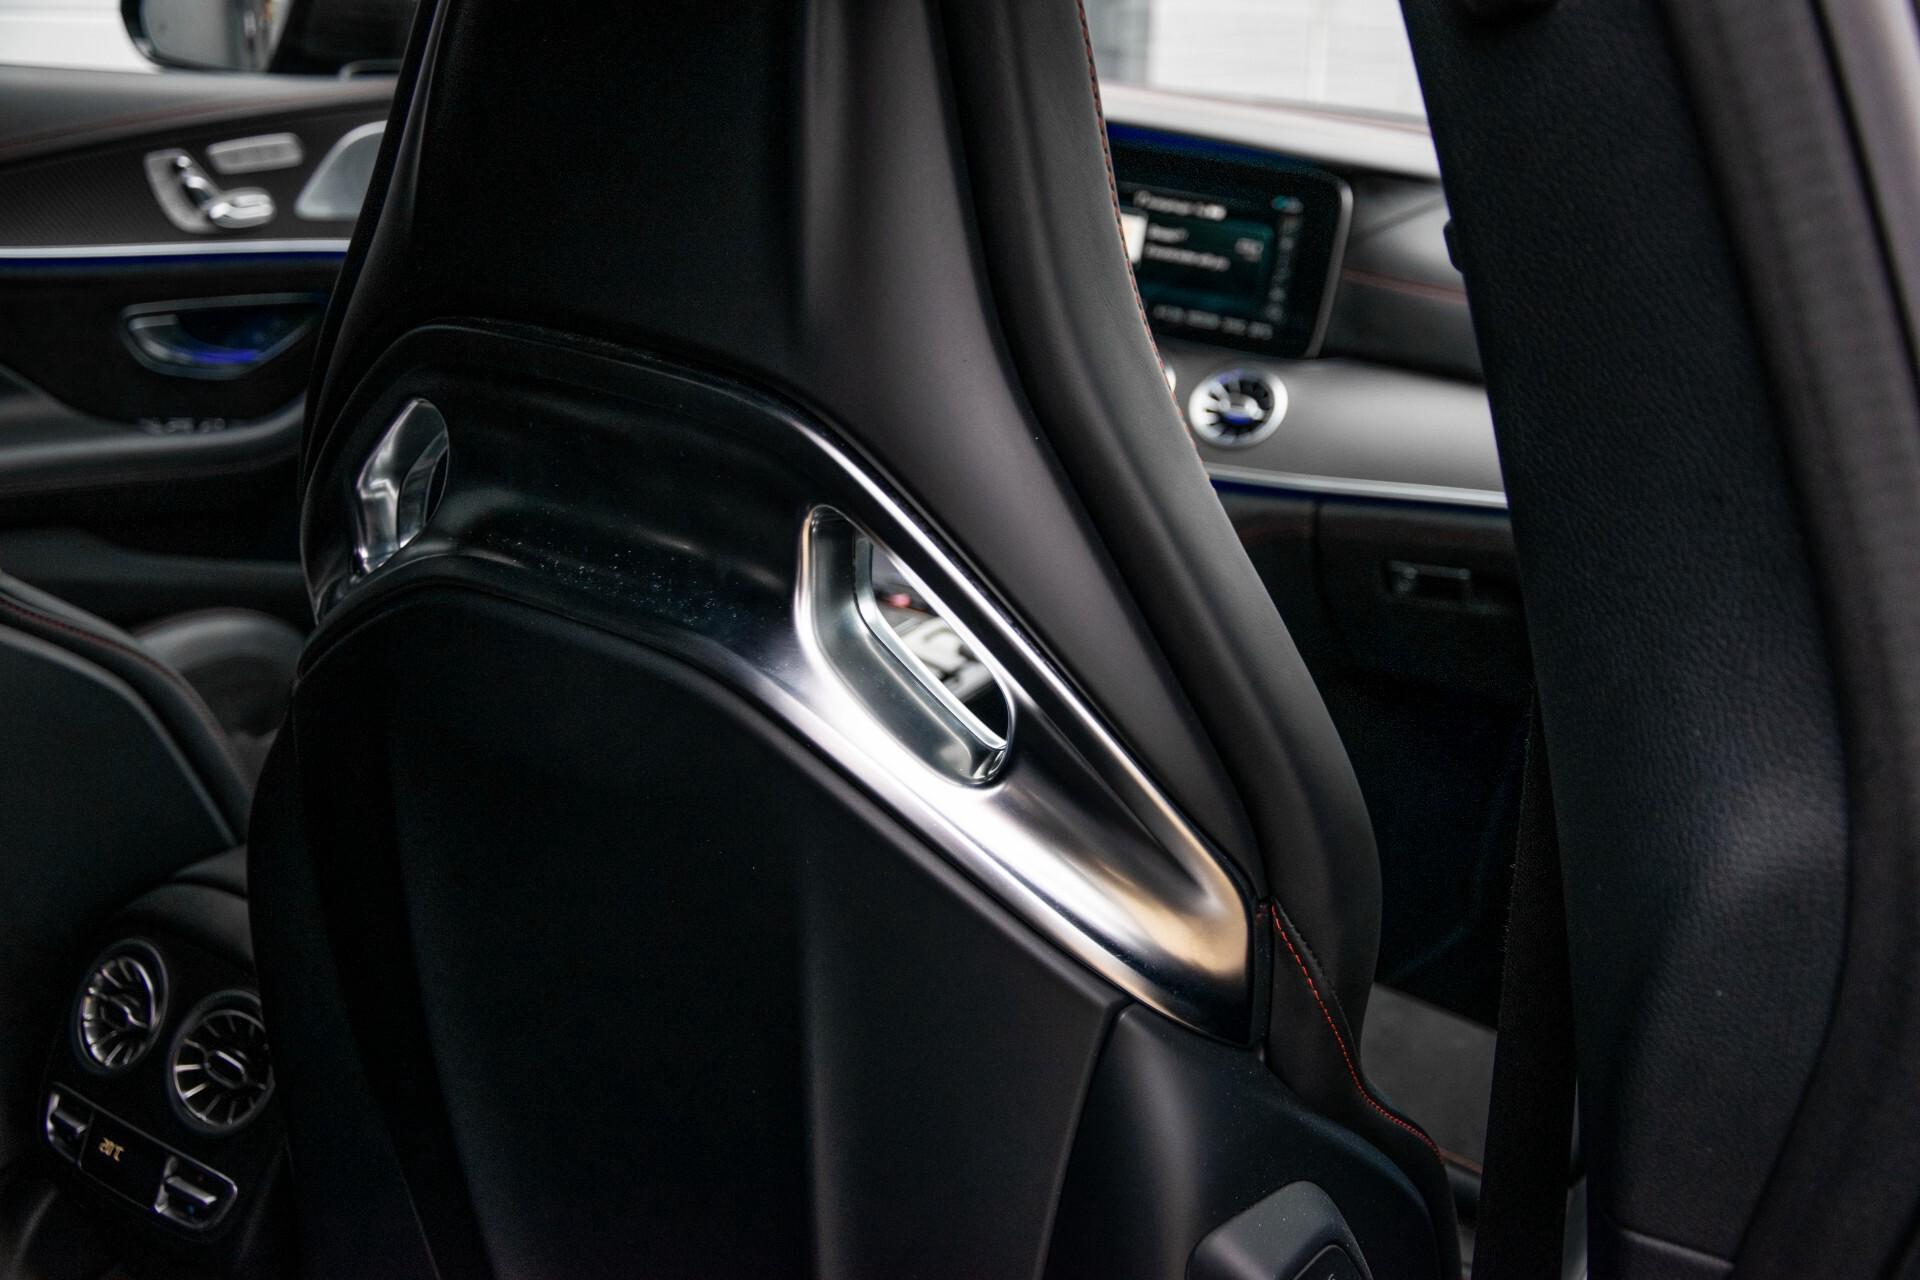 Mercedes-Benz AMG GT 4-Door Coupe 63 S 4M+ Keramisch/Full Carbon/Aerodynamica/Burmester 3D/TV/Performance stoelen/Standkachel Aut9 Foto 56